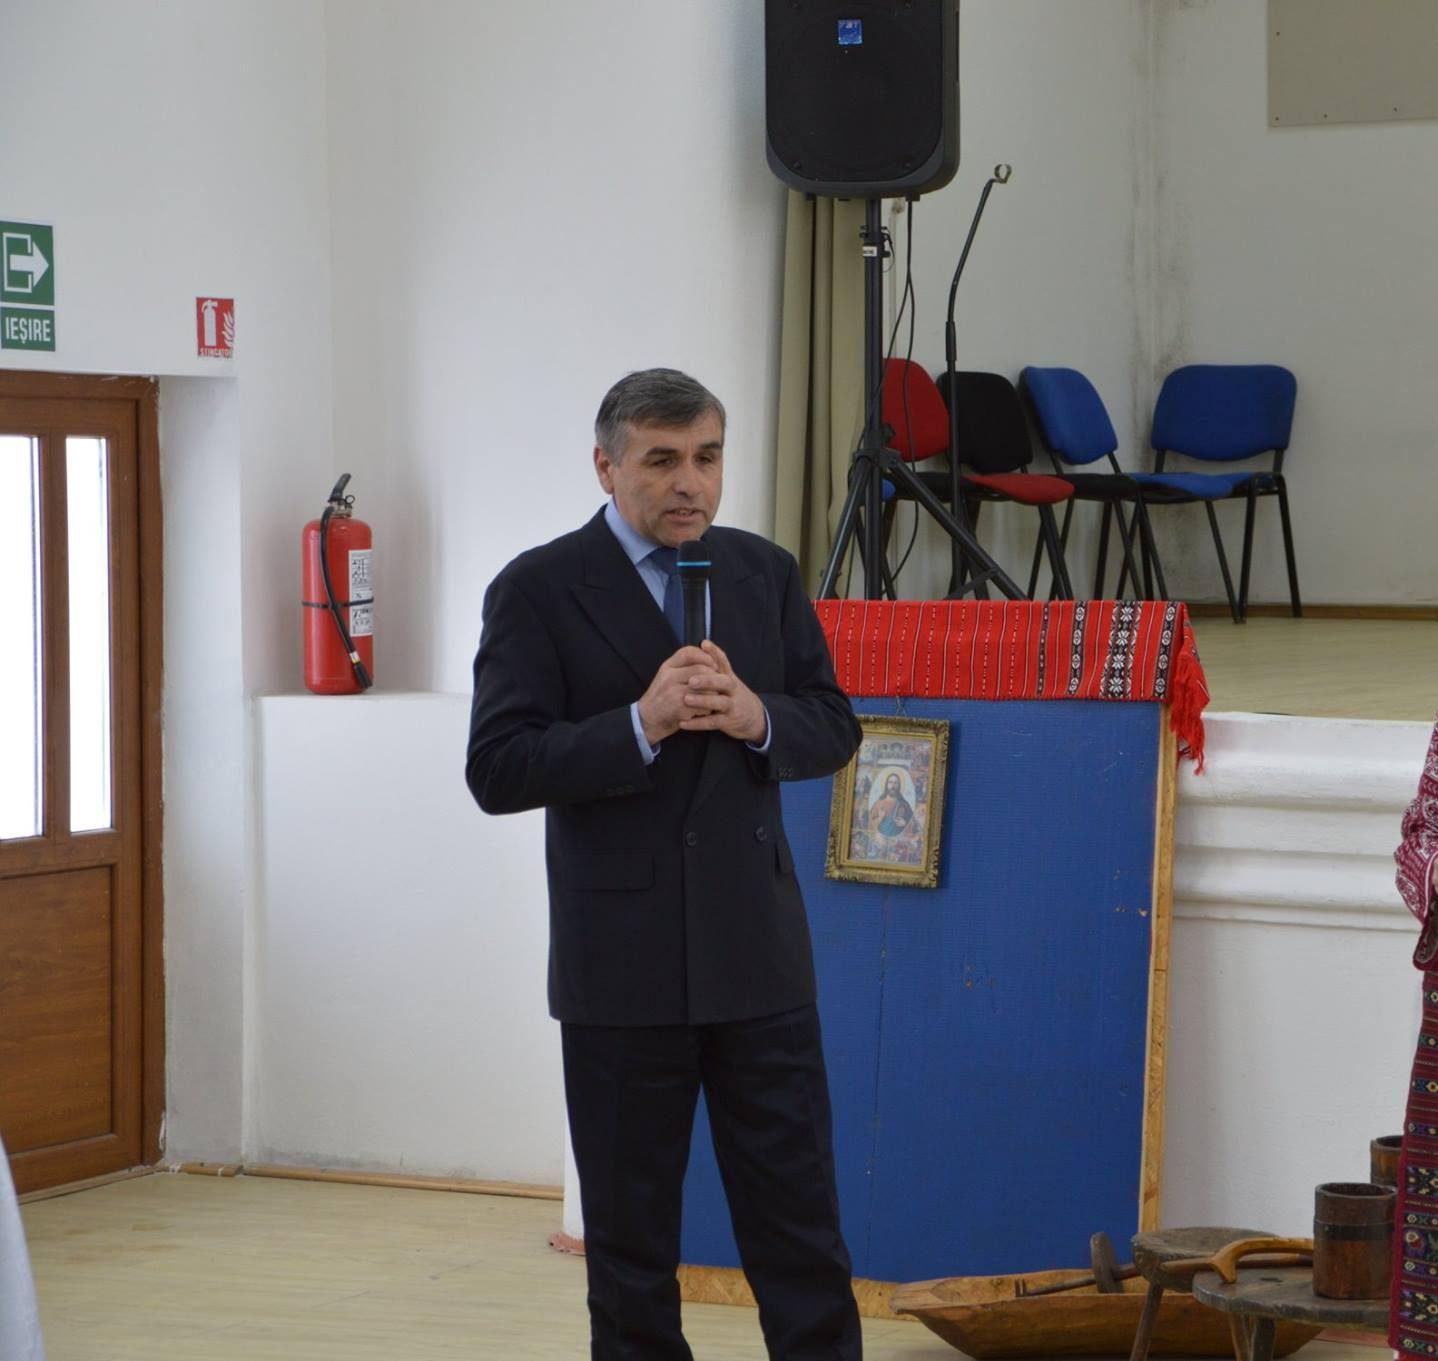 Şcoala din Pietrari asigură calitatea educaţiei, fiind centrată pe rezultate